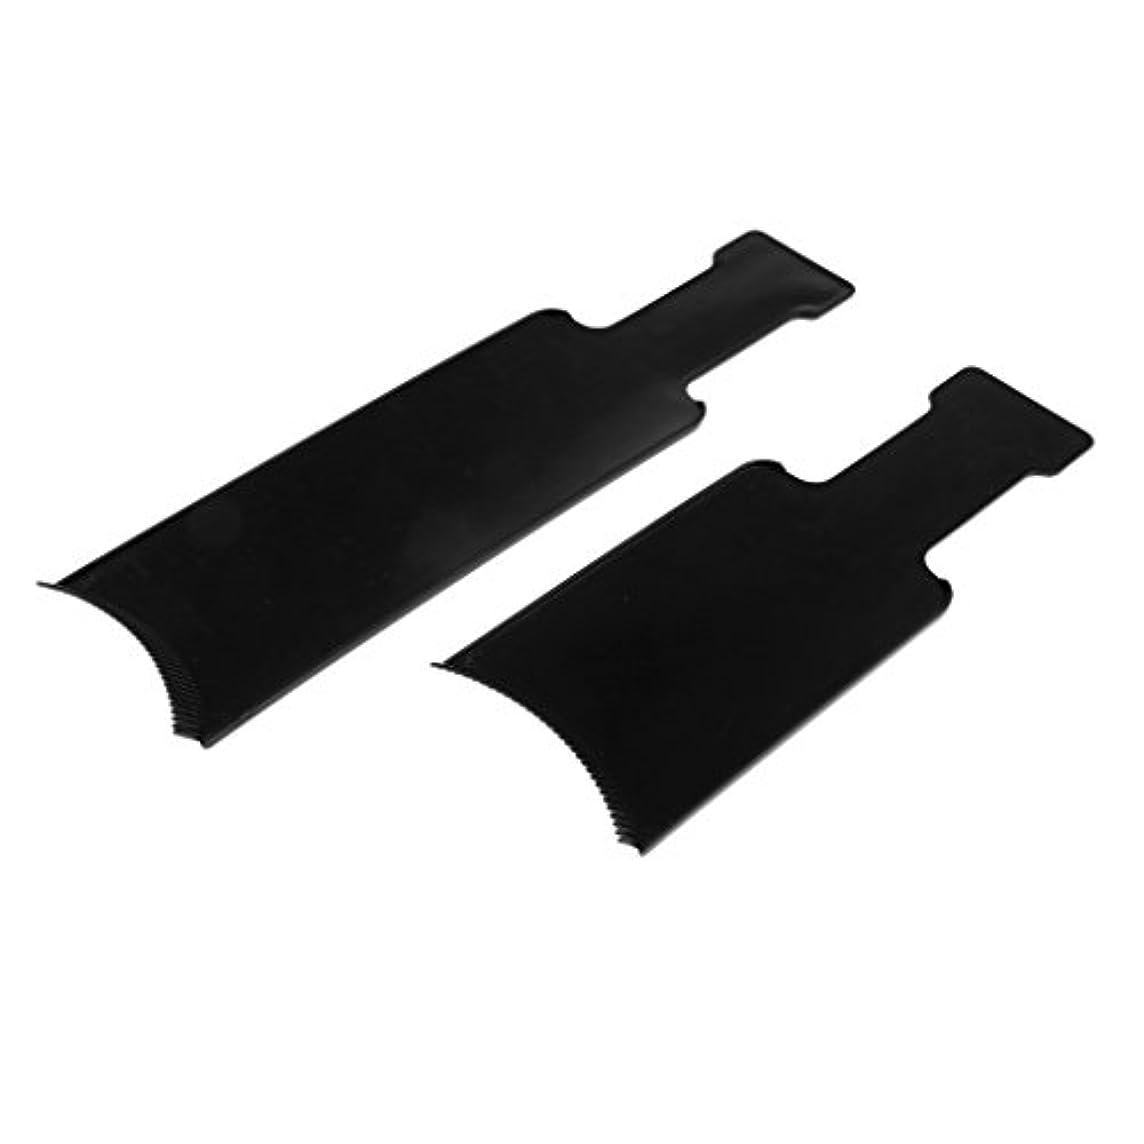 可愛い支給捨てるヘアカラーボード 染色櫛 染色プレート ヘアカラー プラスチック製 美容ツール 黒 2個入